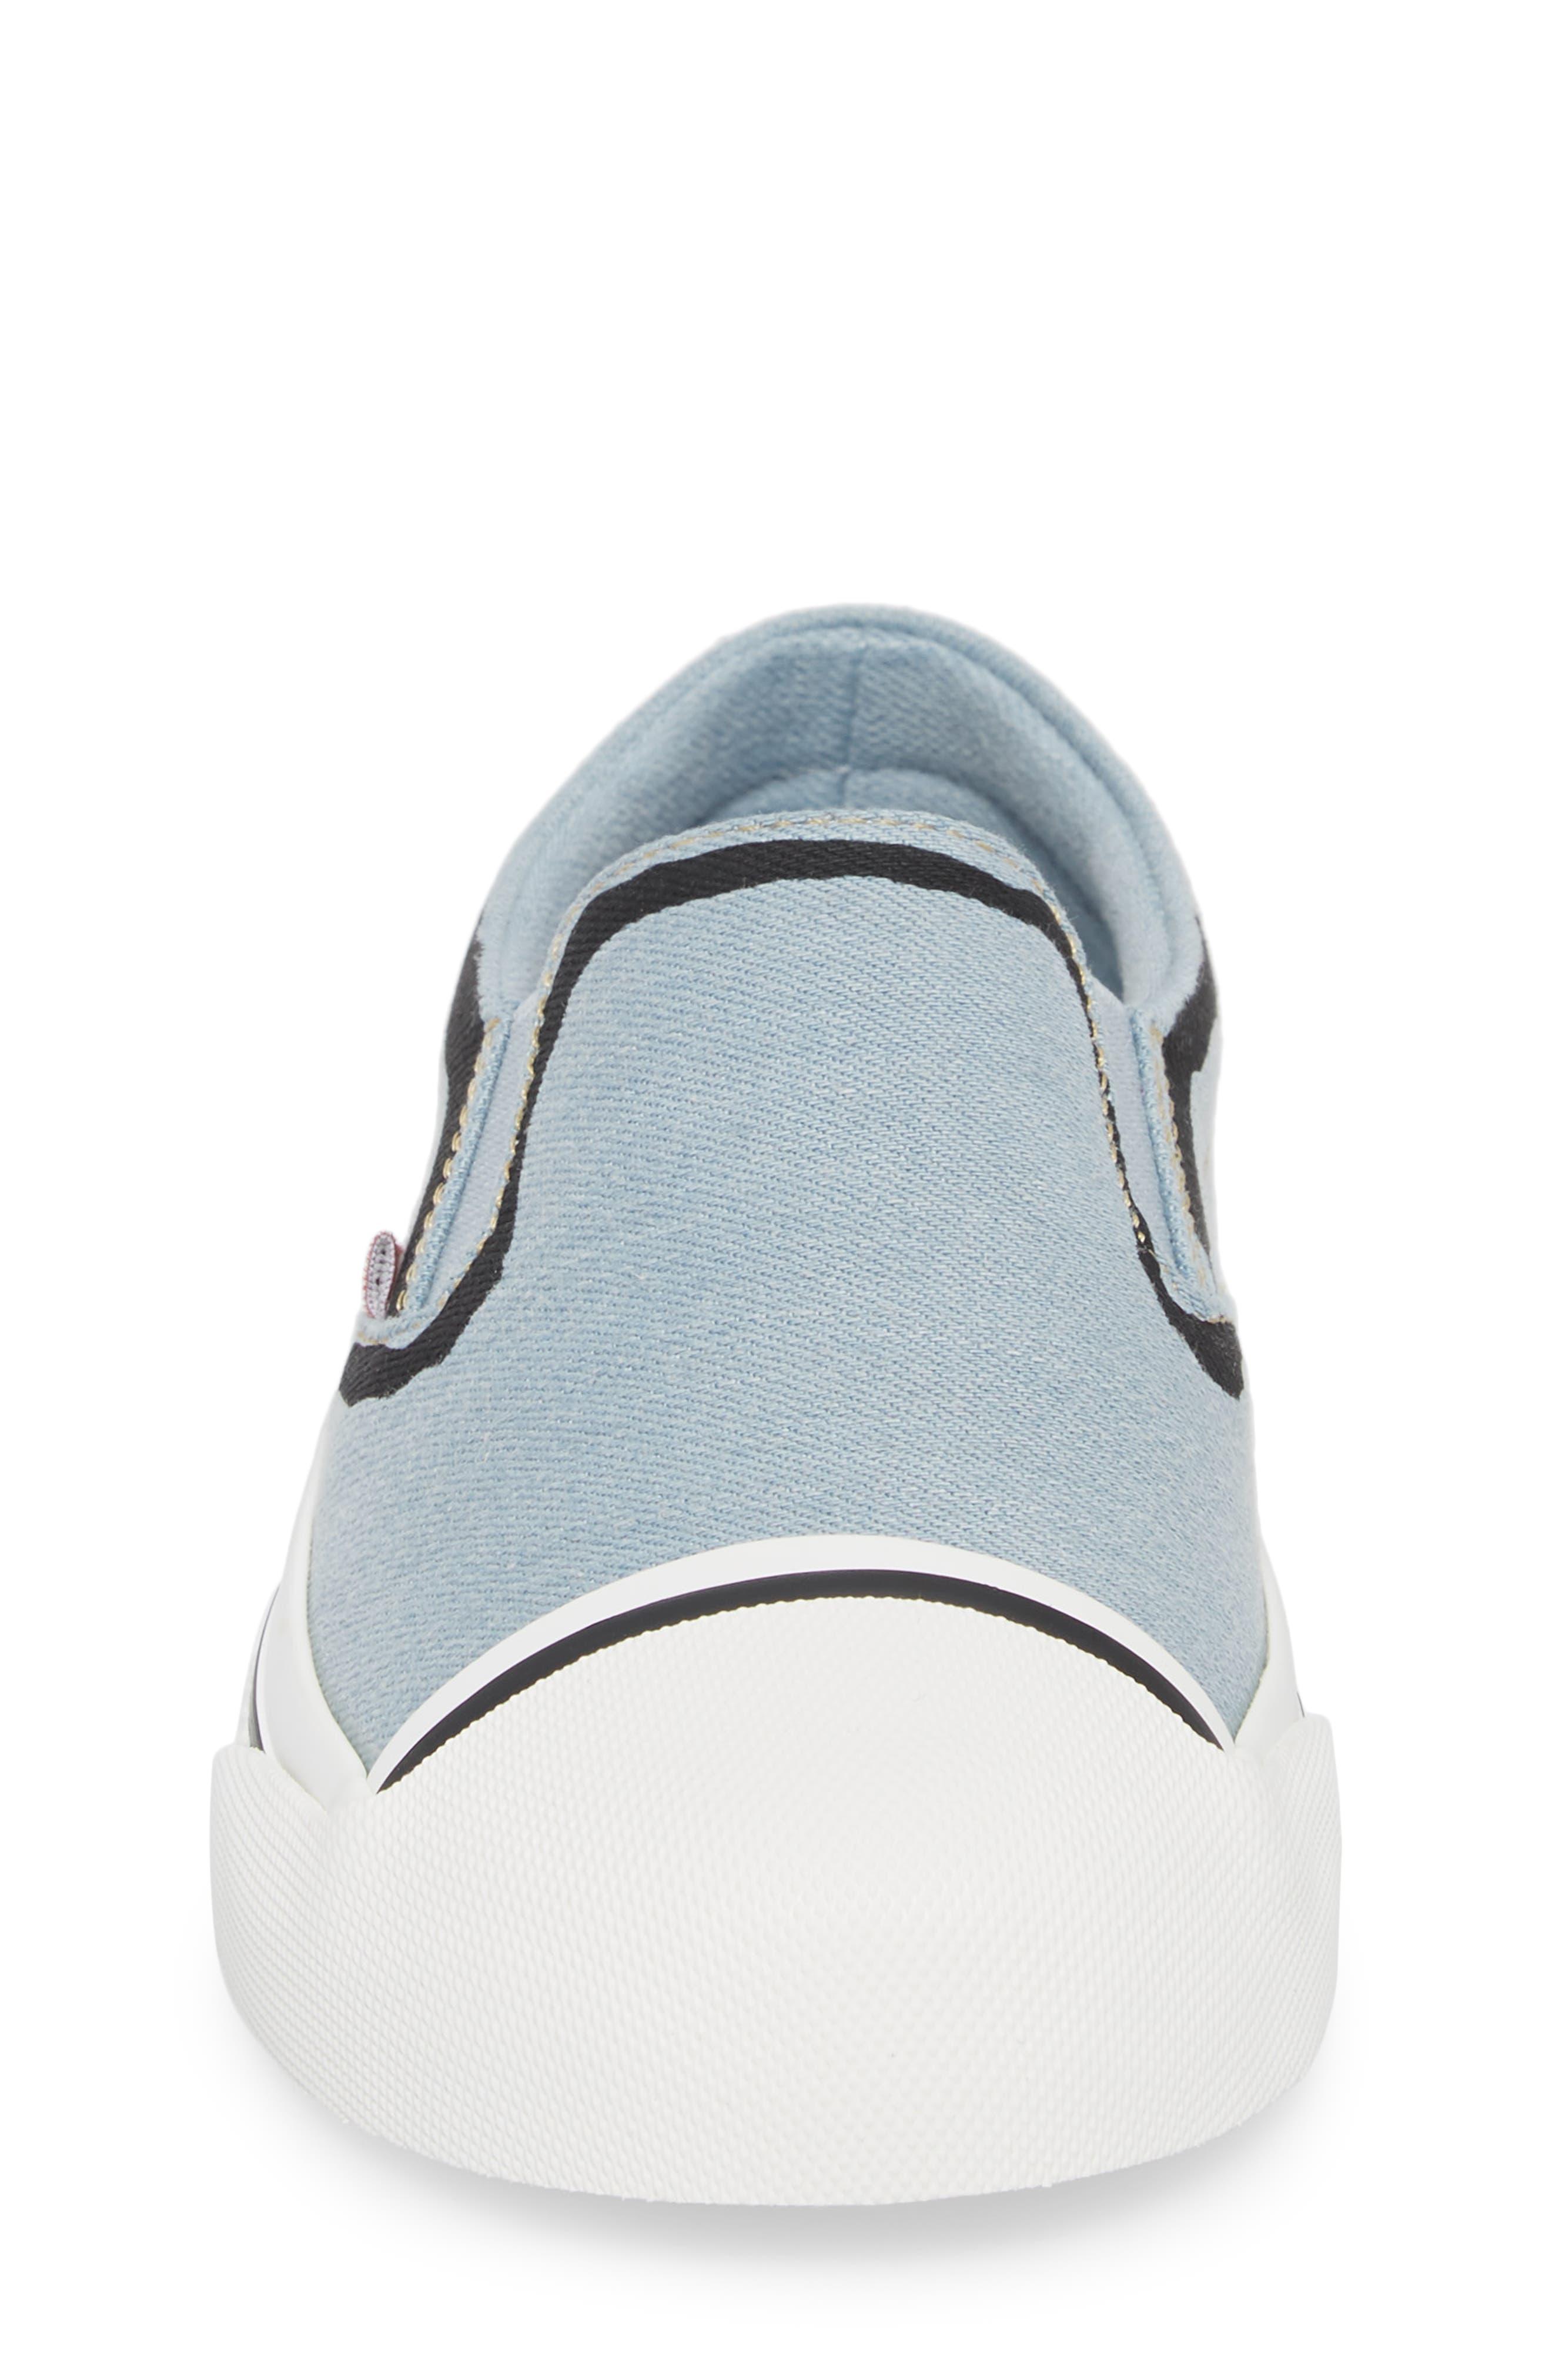 Lipton Slip-On Sneaker,                             Alternate thumbnail 4, color,                             LIGHT BLUE